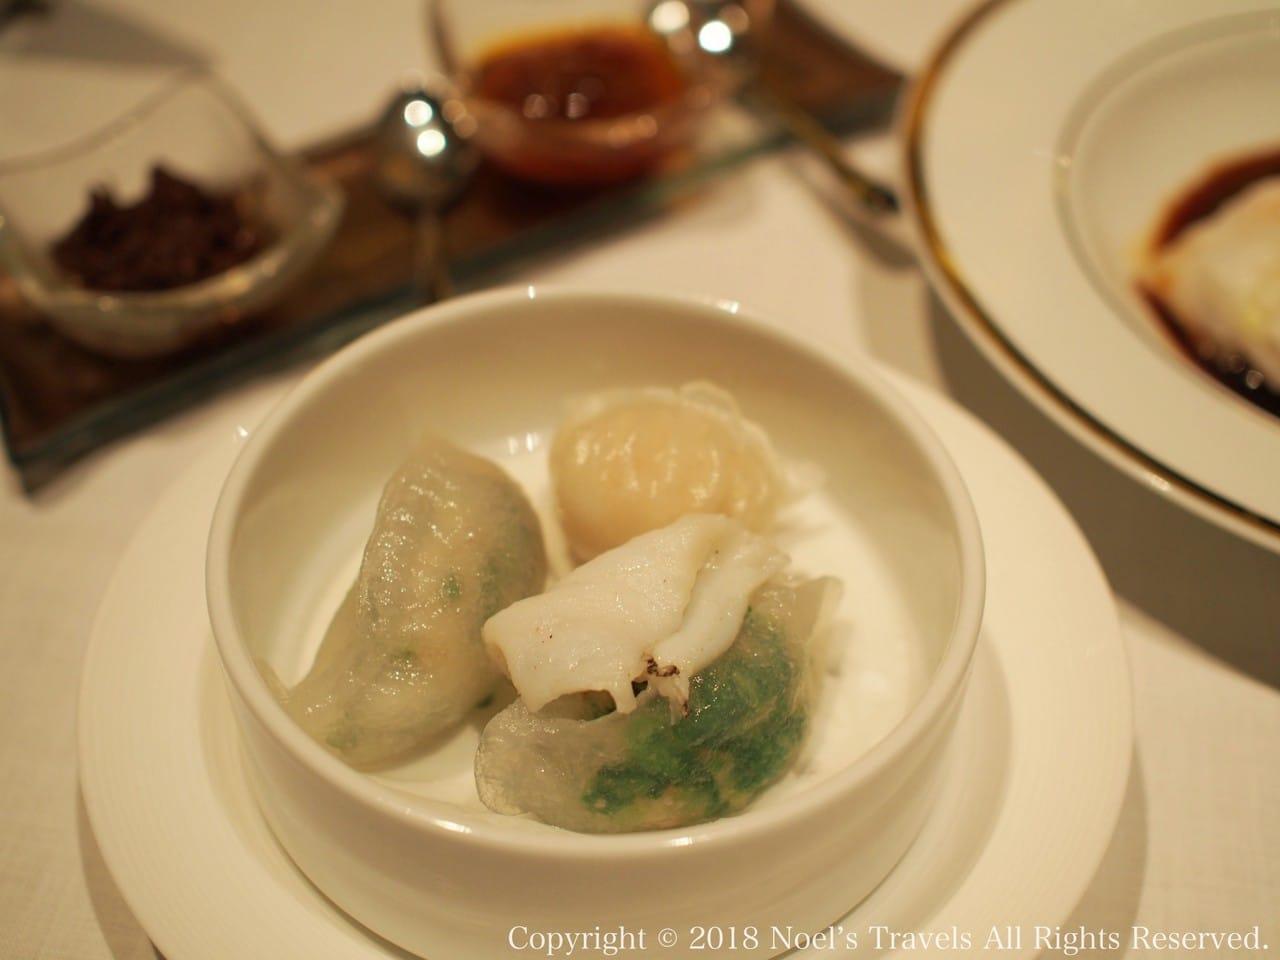 香港で食べた点心1「蒸し餃子」